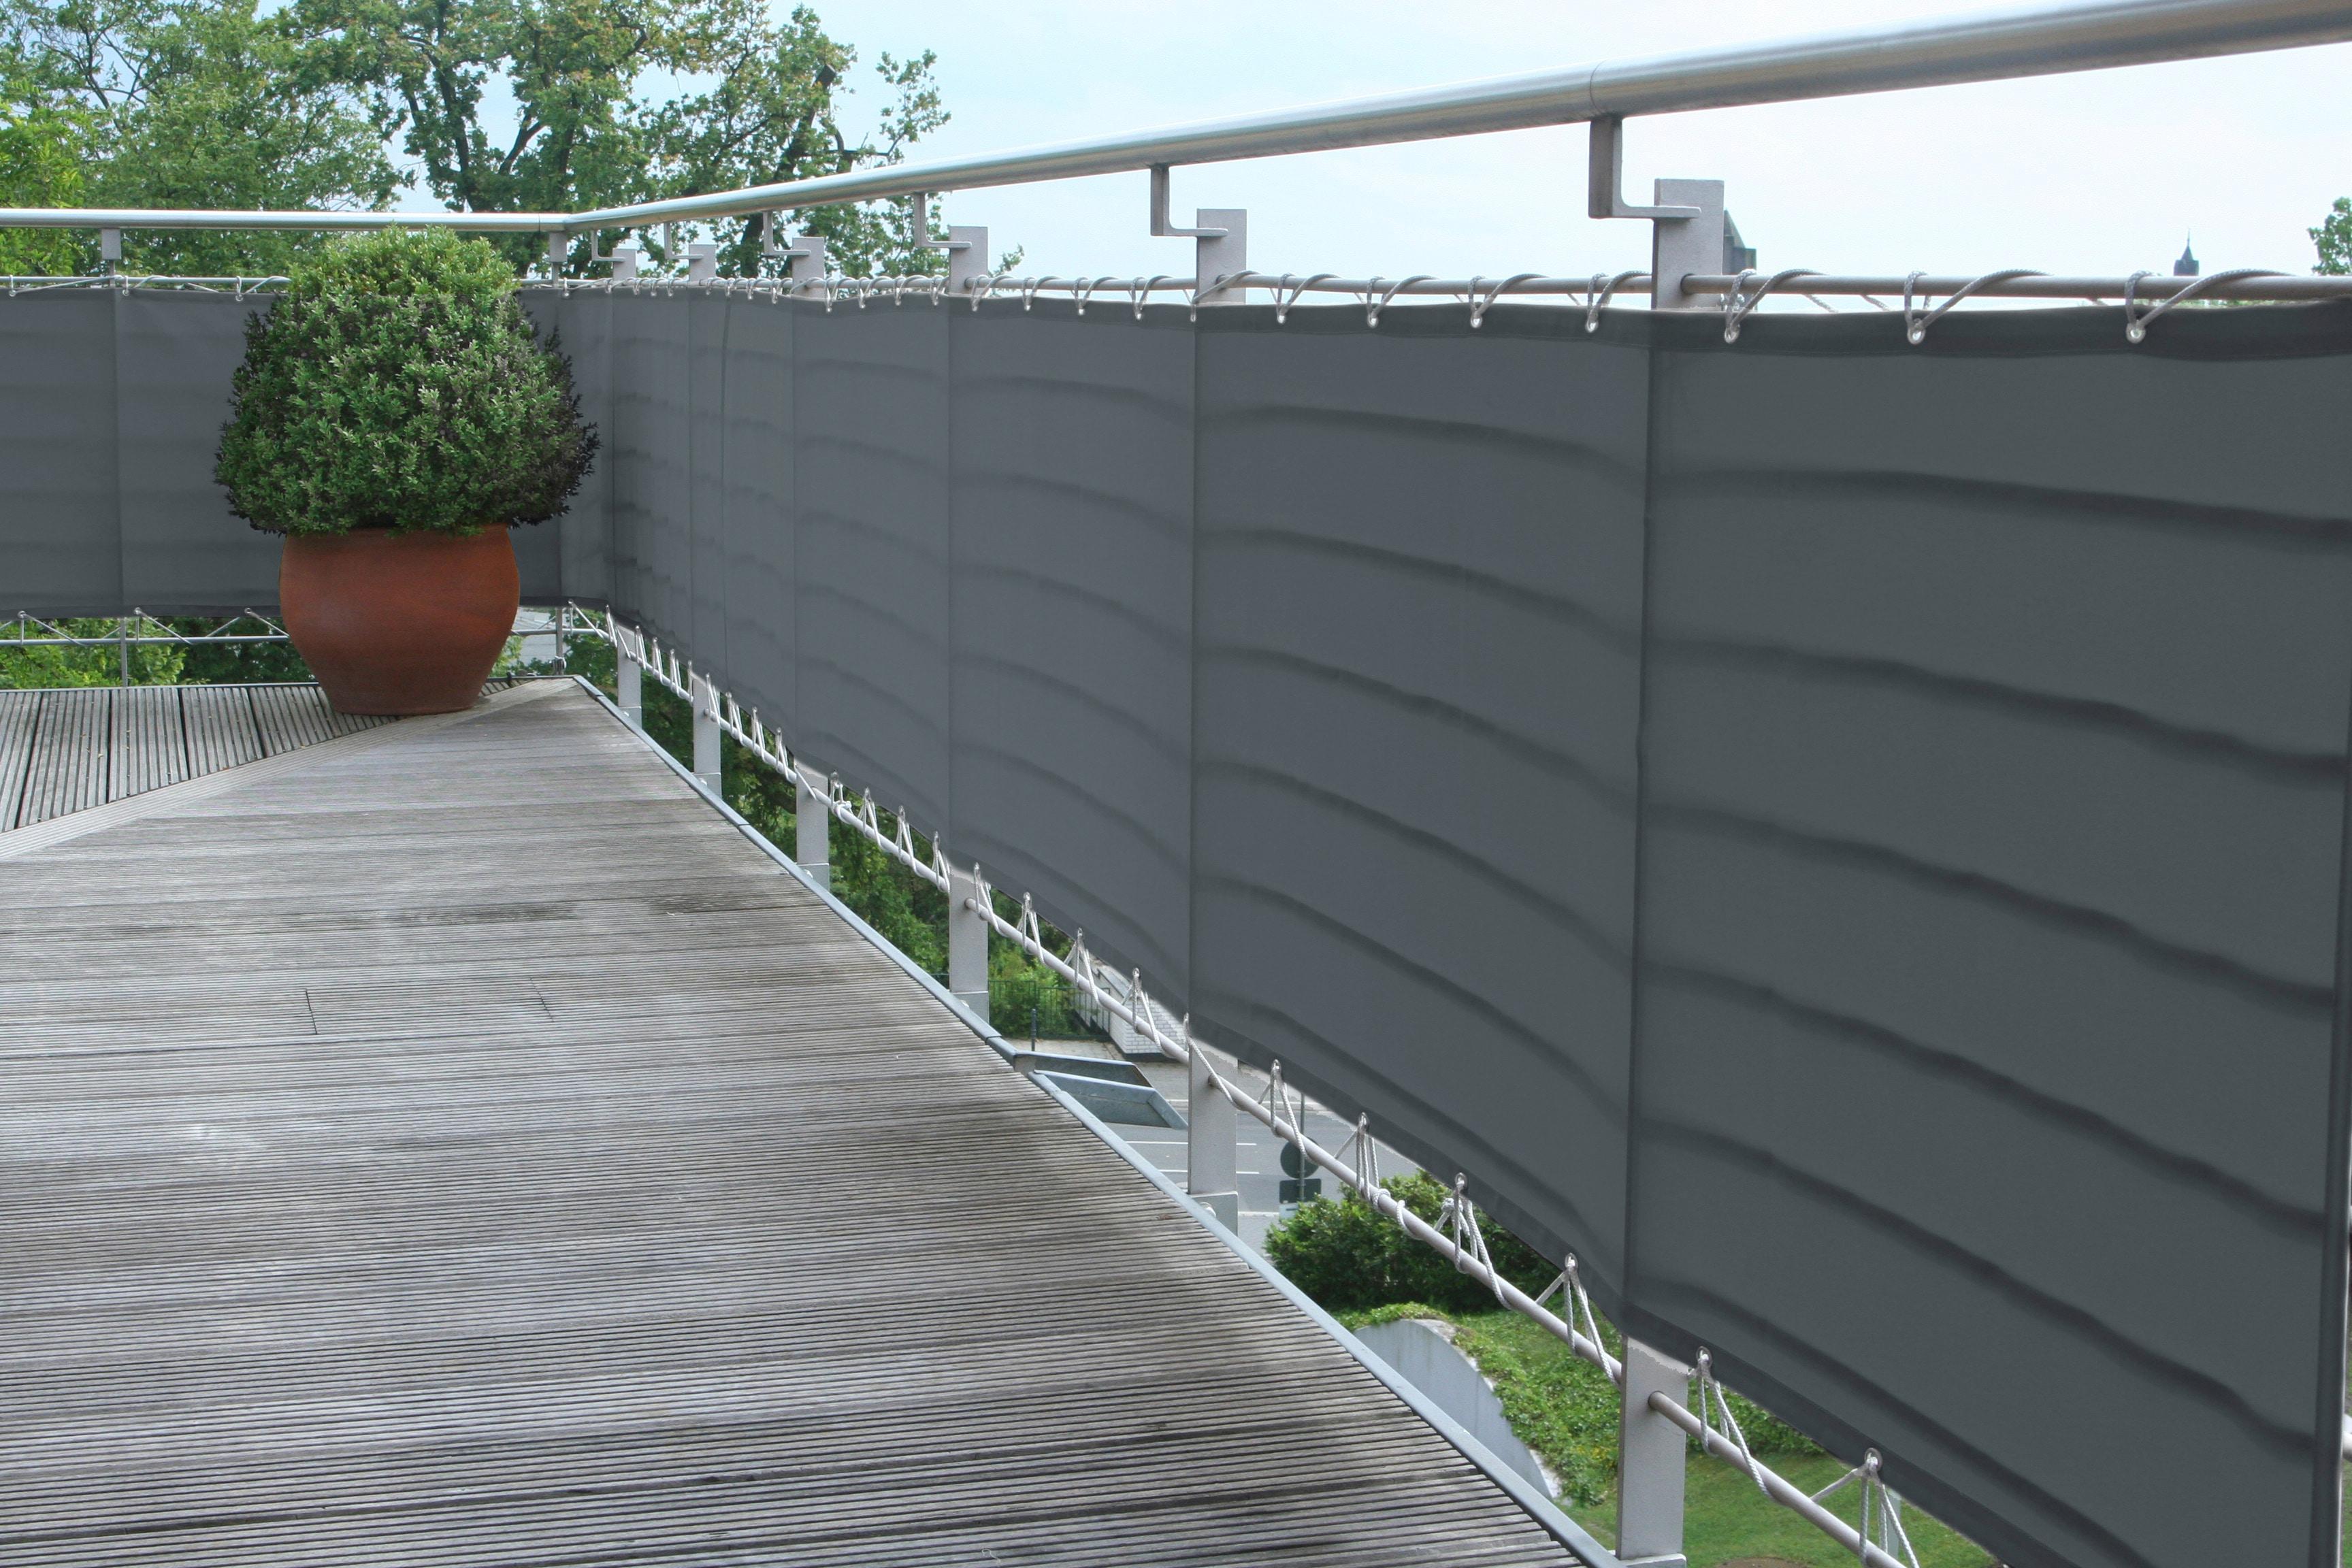 FLORACORD Balkonsichtschutz, BxH: 300x90 cm, anthrazit | Garten > Balkon > Sichtschutz | FLORACORD